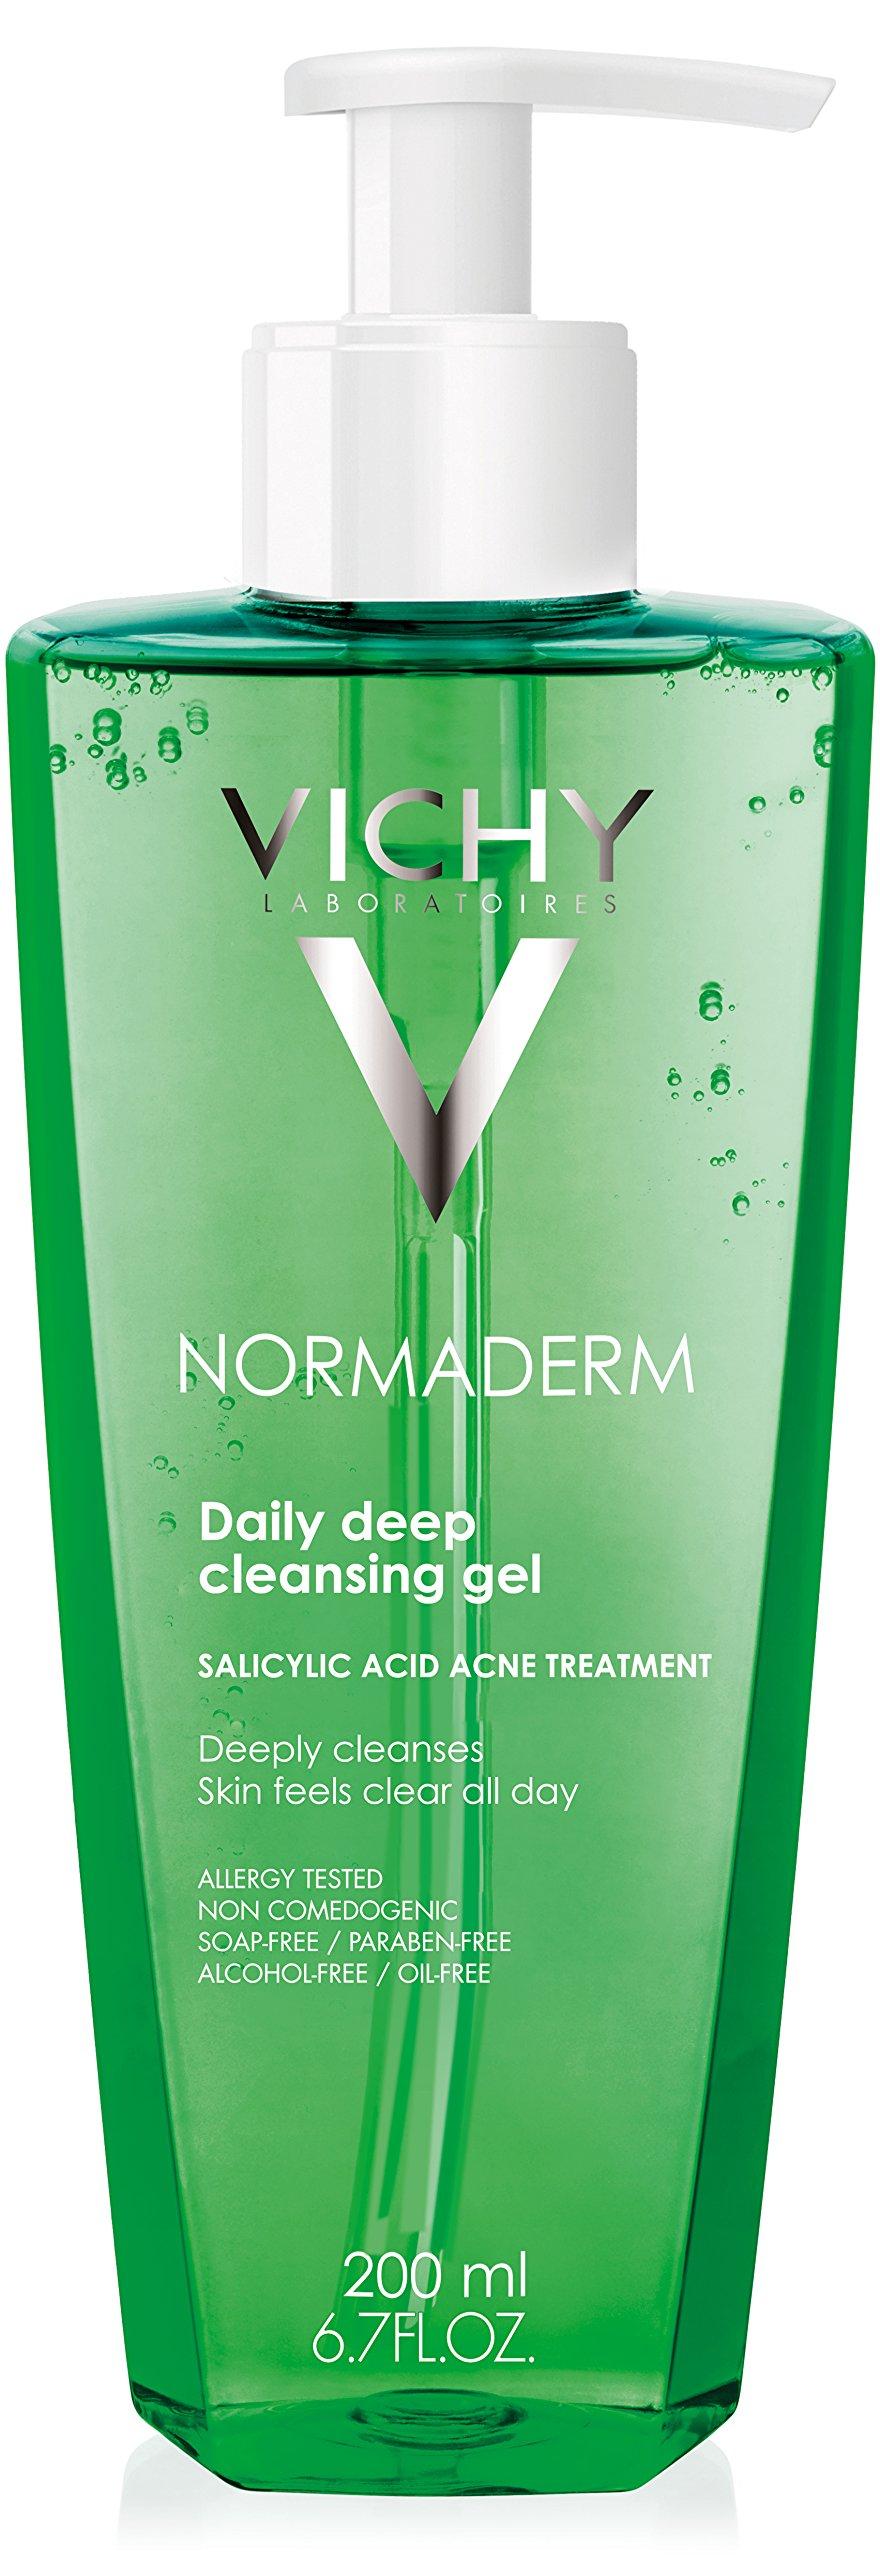 Vichy Normaderm Deep Cleansing Gel Salicylic Acid Acne Treatment, 6.76 Fl. Oz. by Vichy